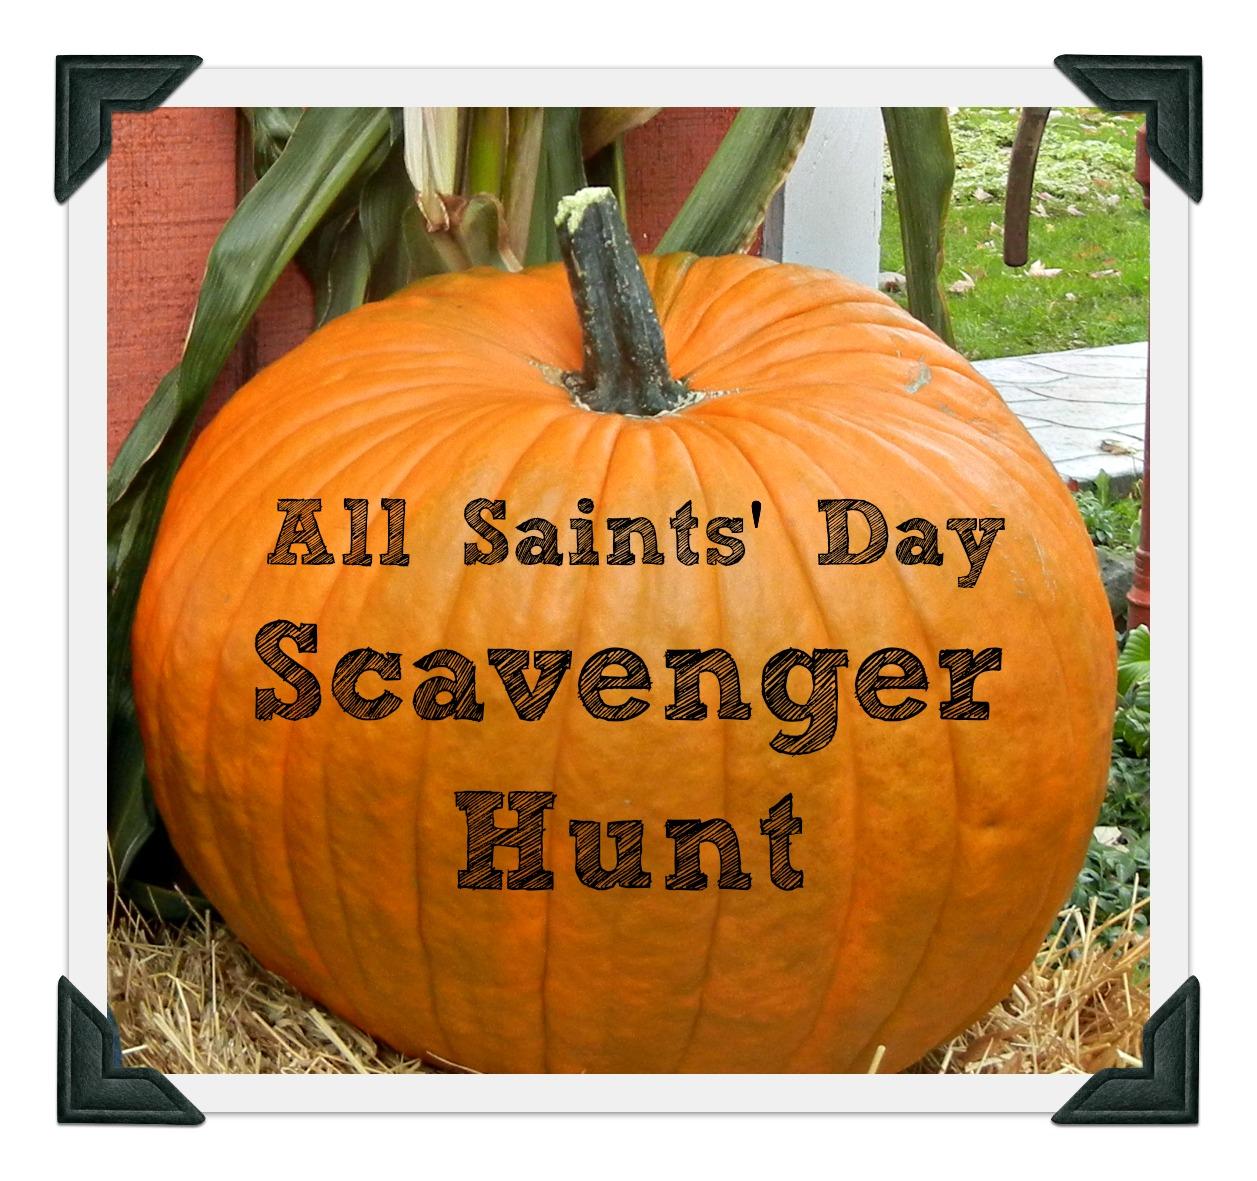 Better Than Eden The All Saints Day Scavenger Hunt